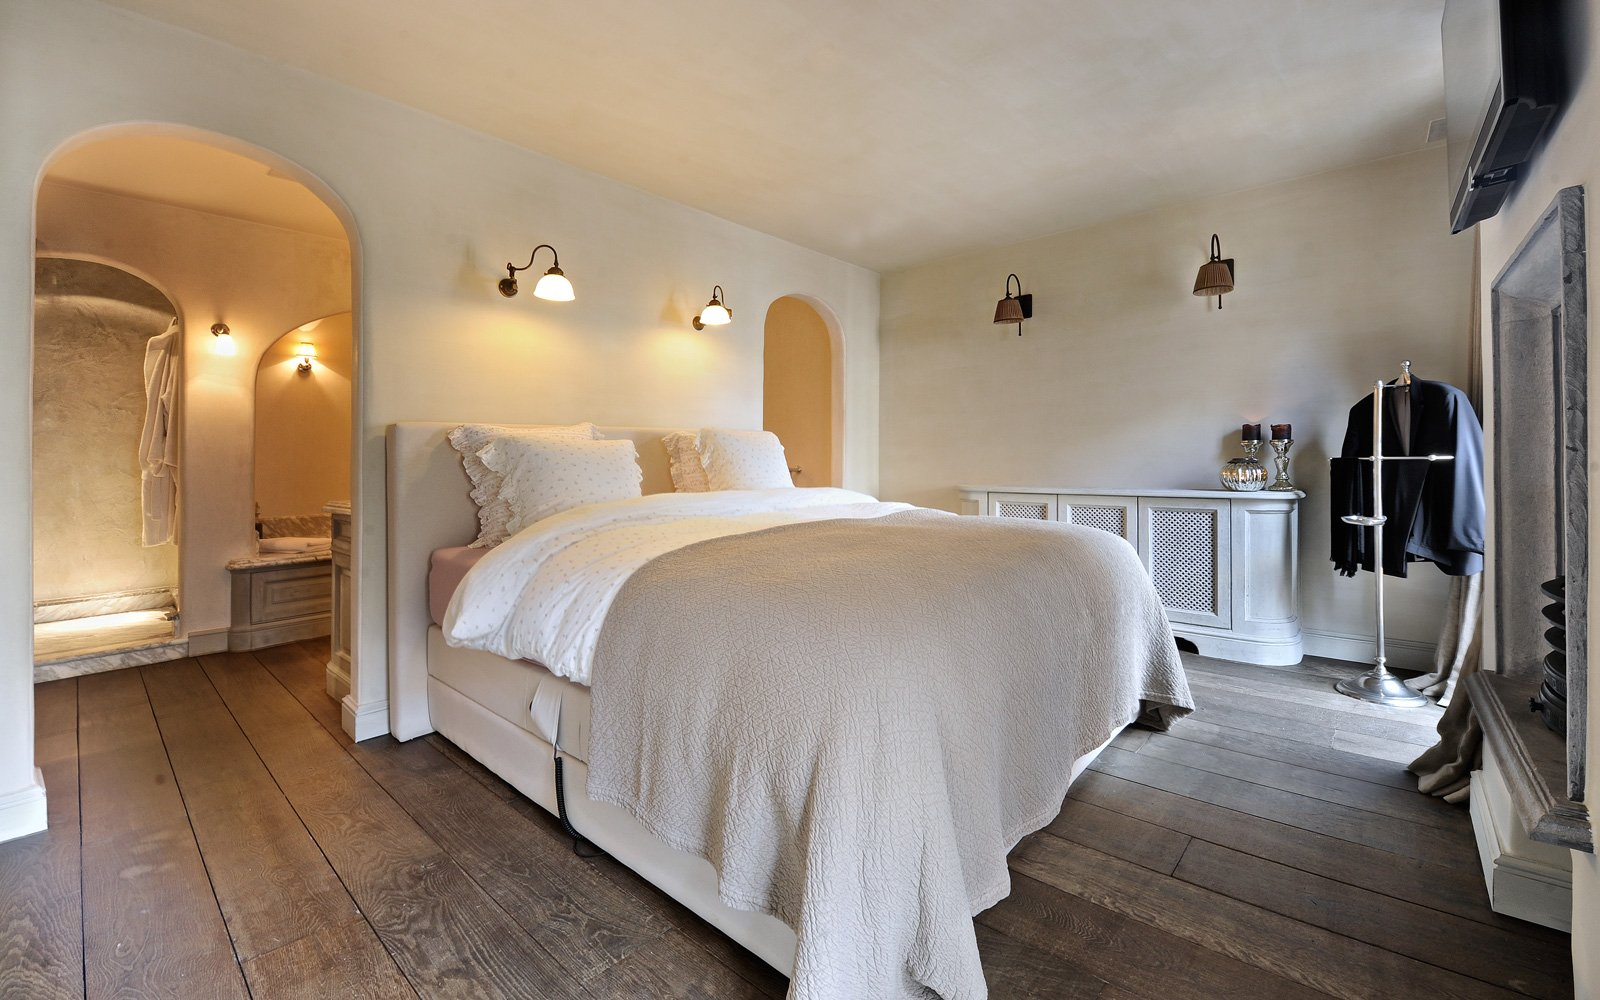 Knusse slaapkamer, bed, houten kasten, vooroorlogse vormgeving, woonhuis als showroom, Dauby